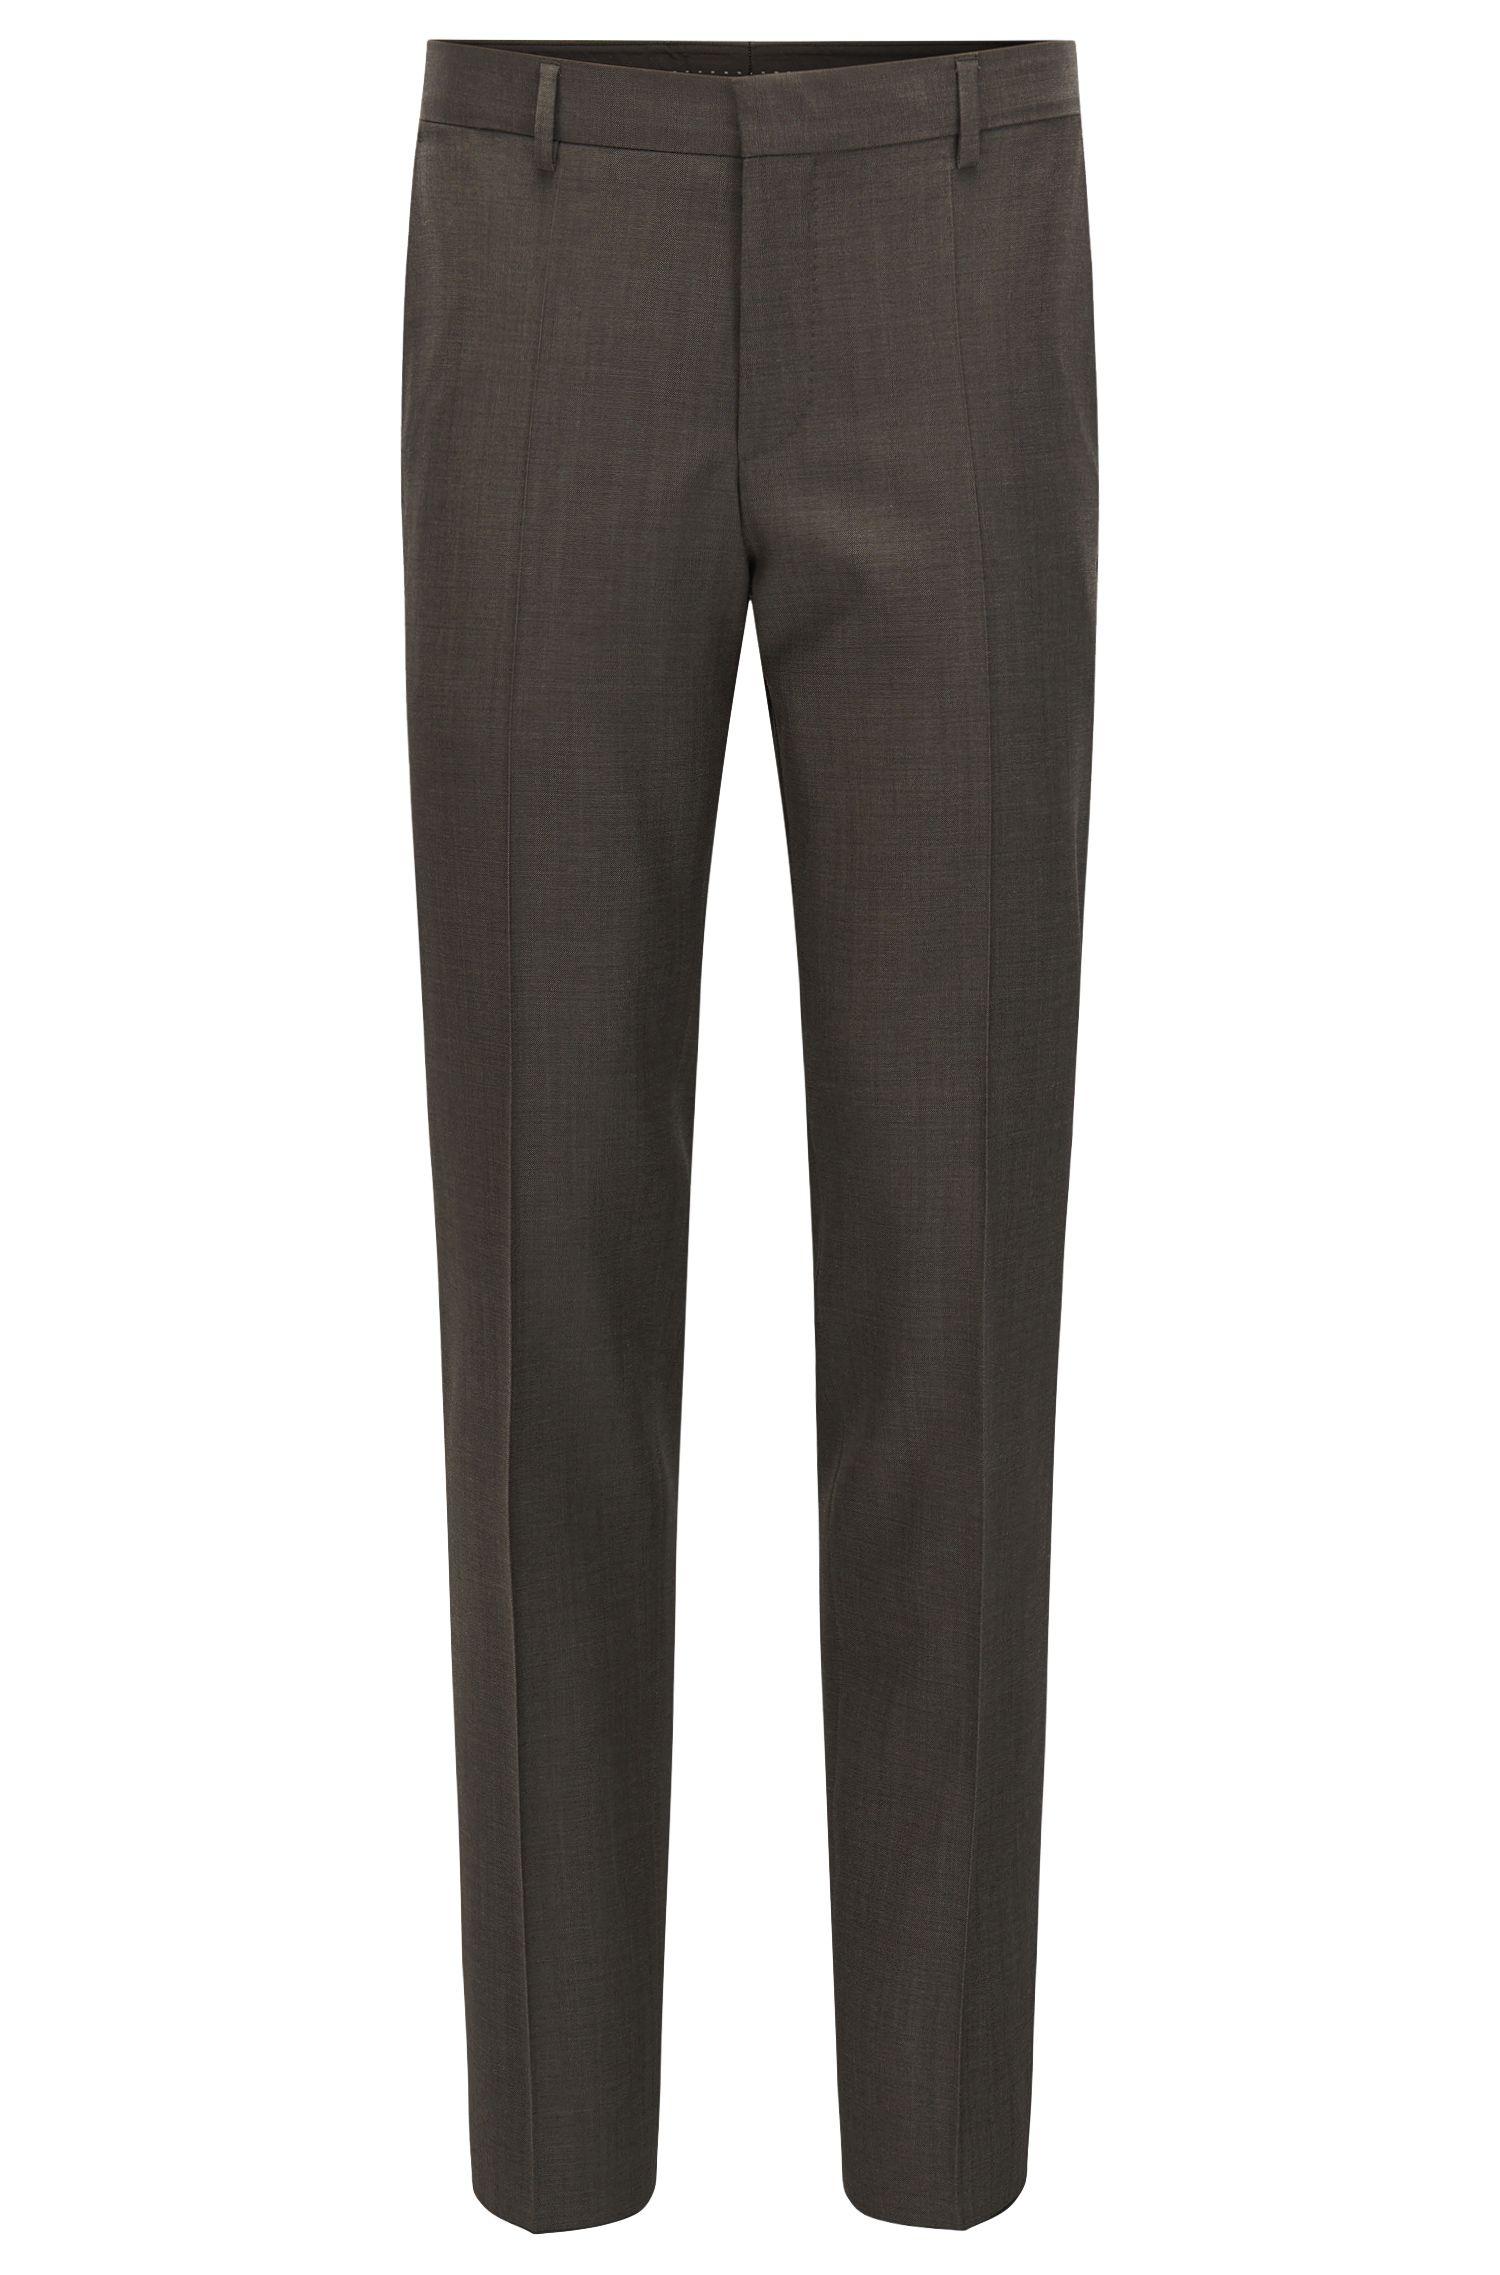 Pantalon Slim Fit en laine vierge provenant de la fabrique Tesse